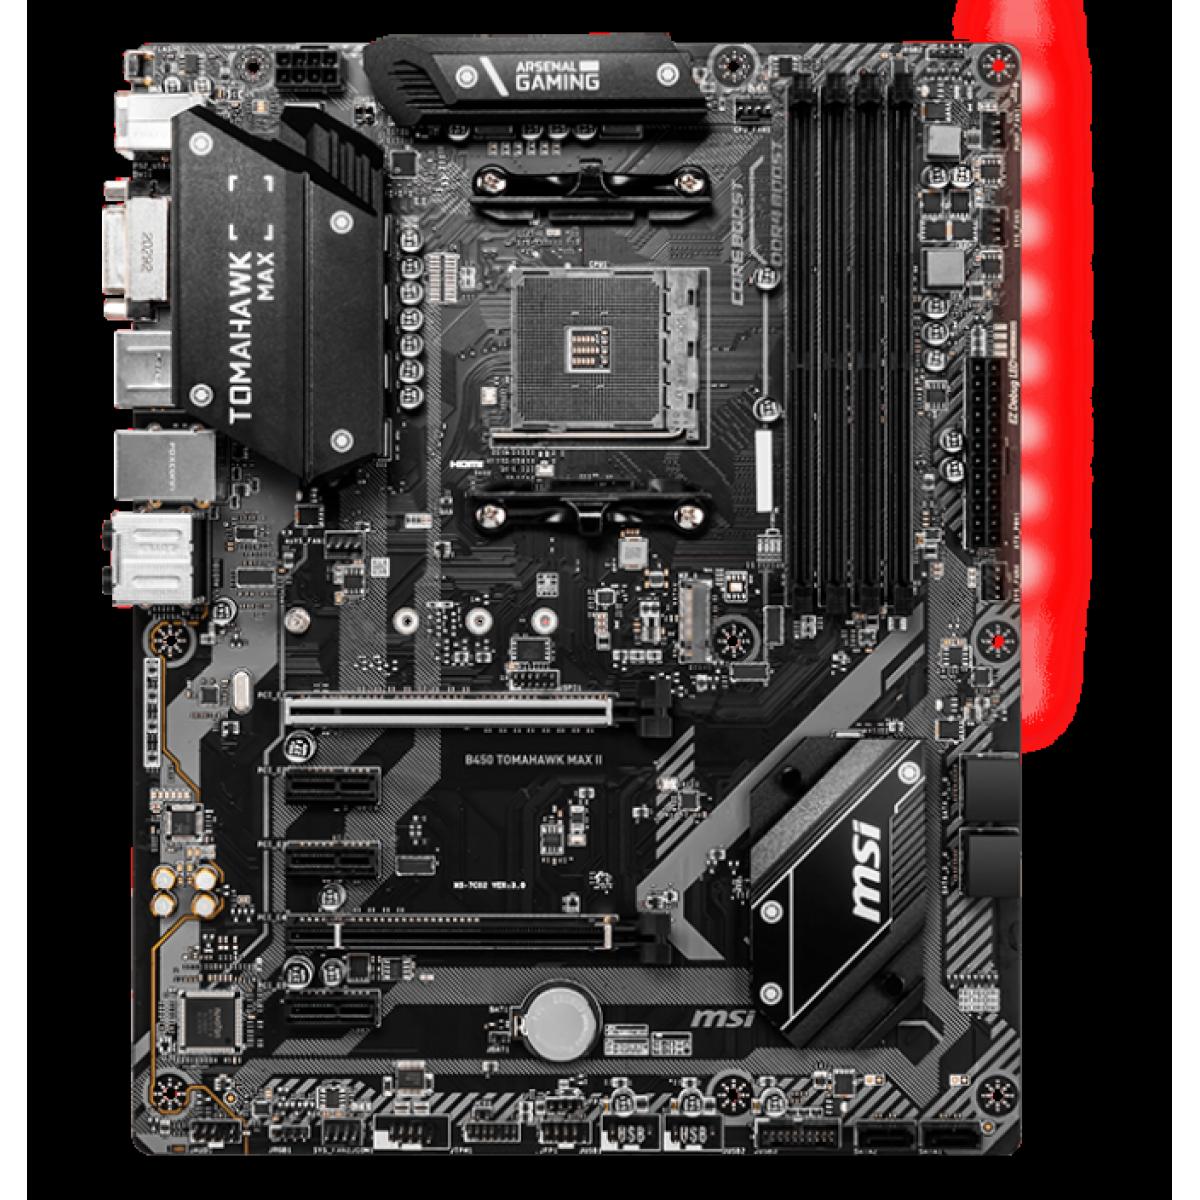 Placa Mãe MSI B450 Tomahawk Max II, Chipset B450, AMD AM4, ATX, DDR4